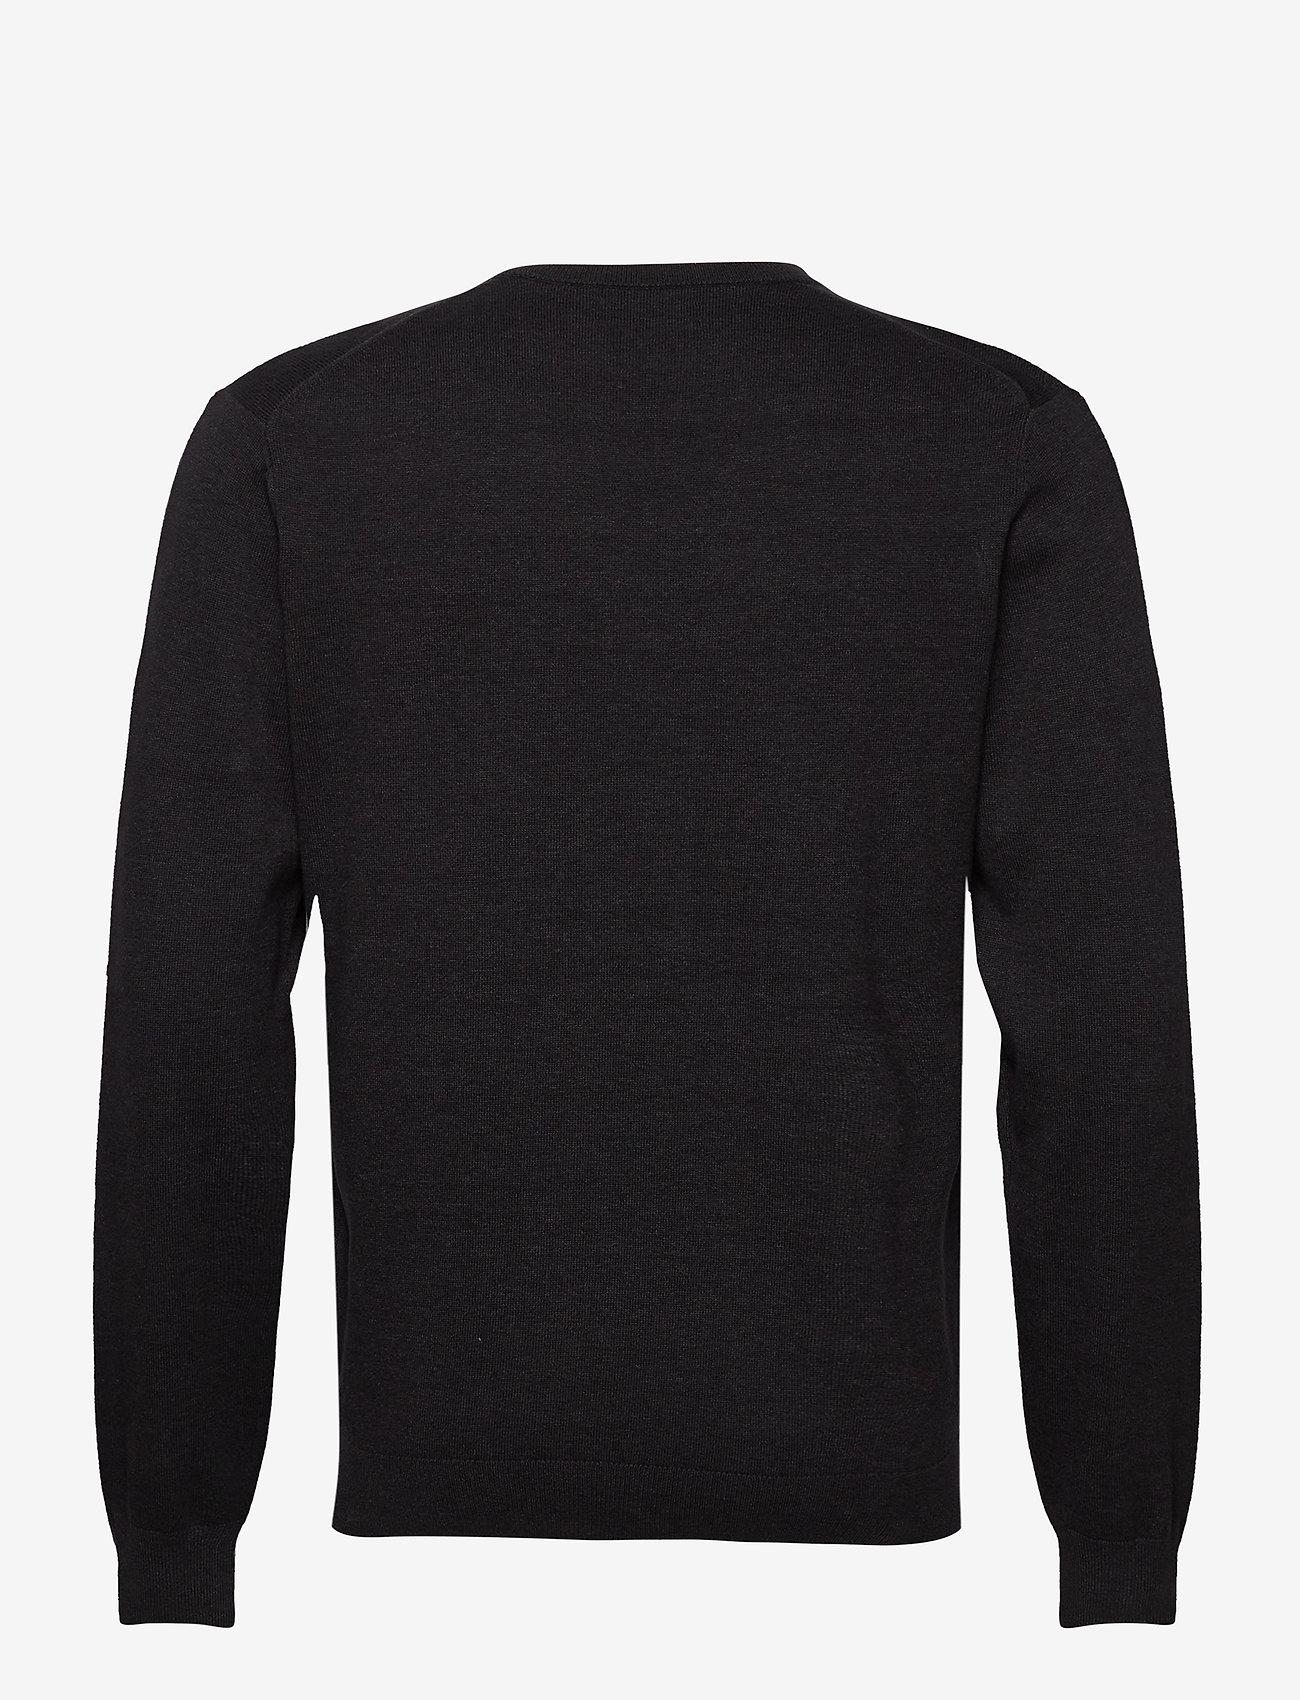 GANT - CLASSIC COTTON V-NECK - knitted v-necks - dk charcoal melange - 1